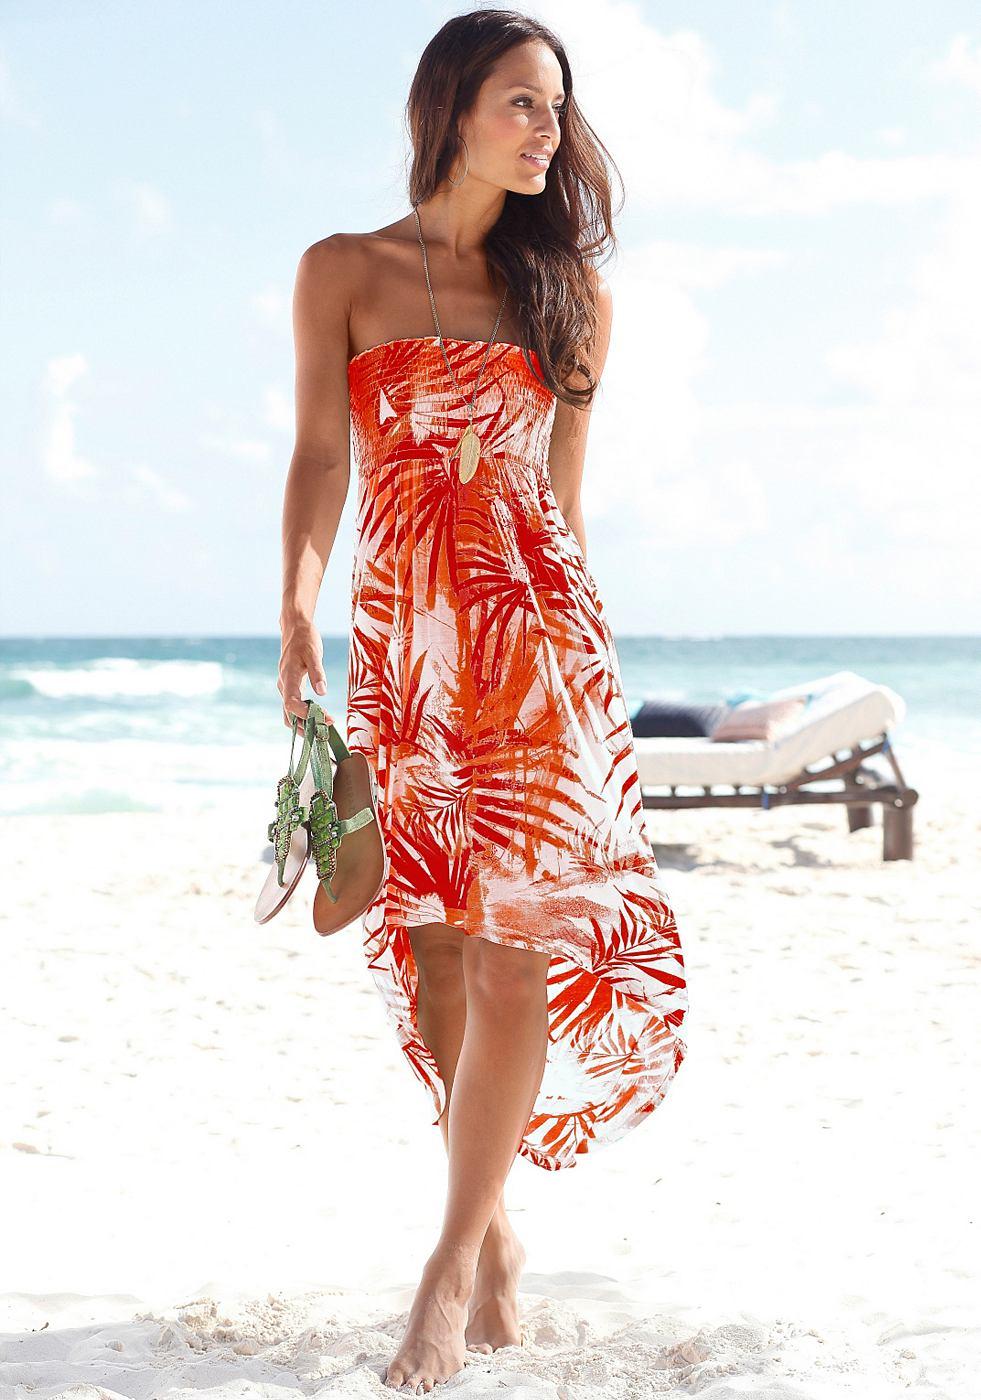 Beachtime Strandjurk met gesmokte inzet oranje